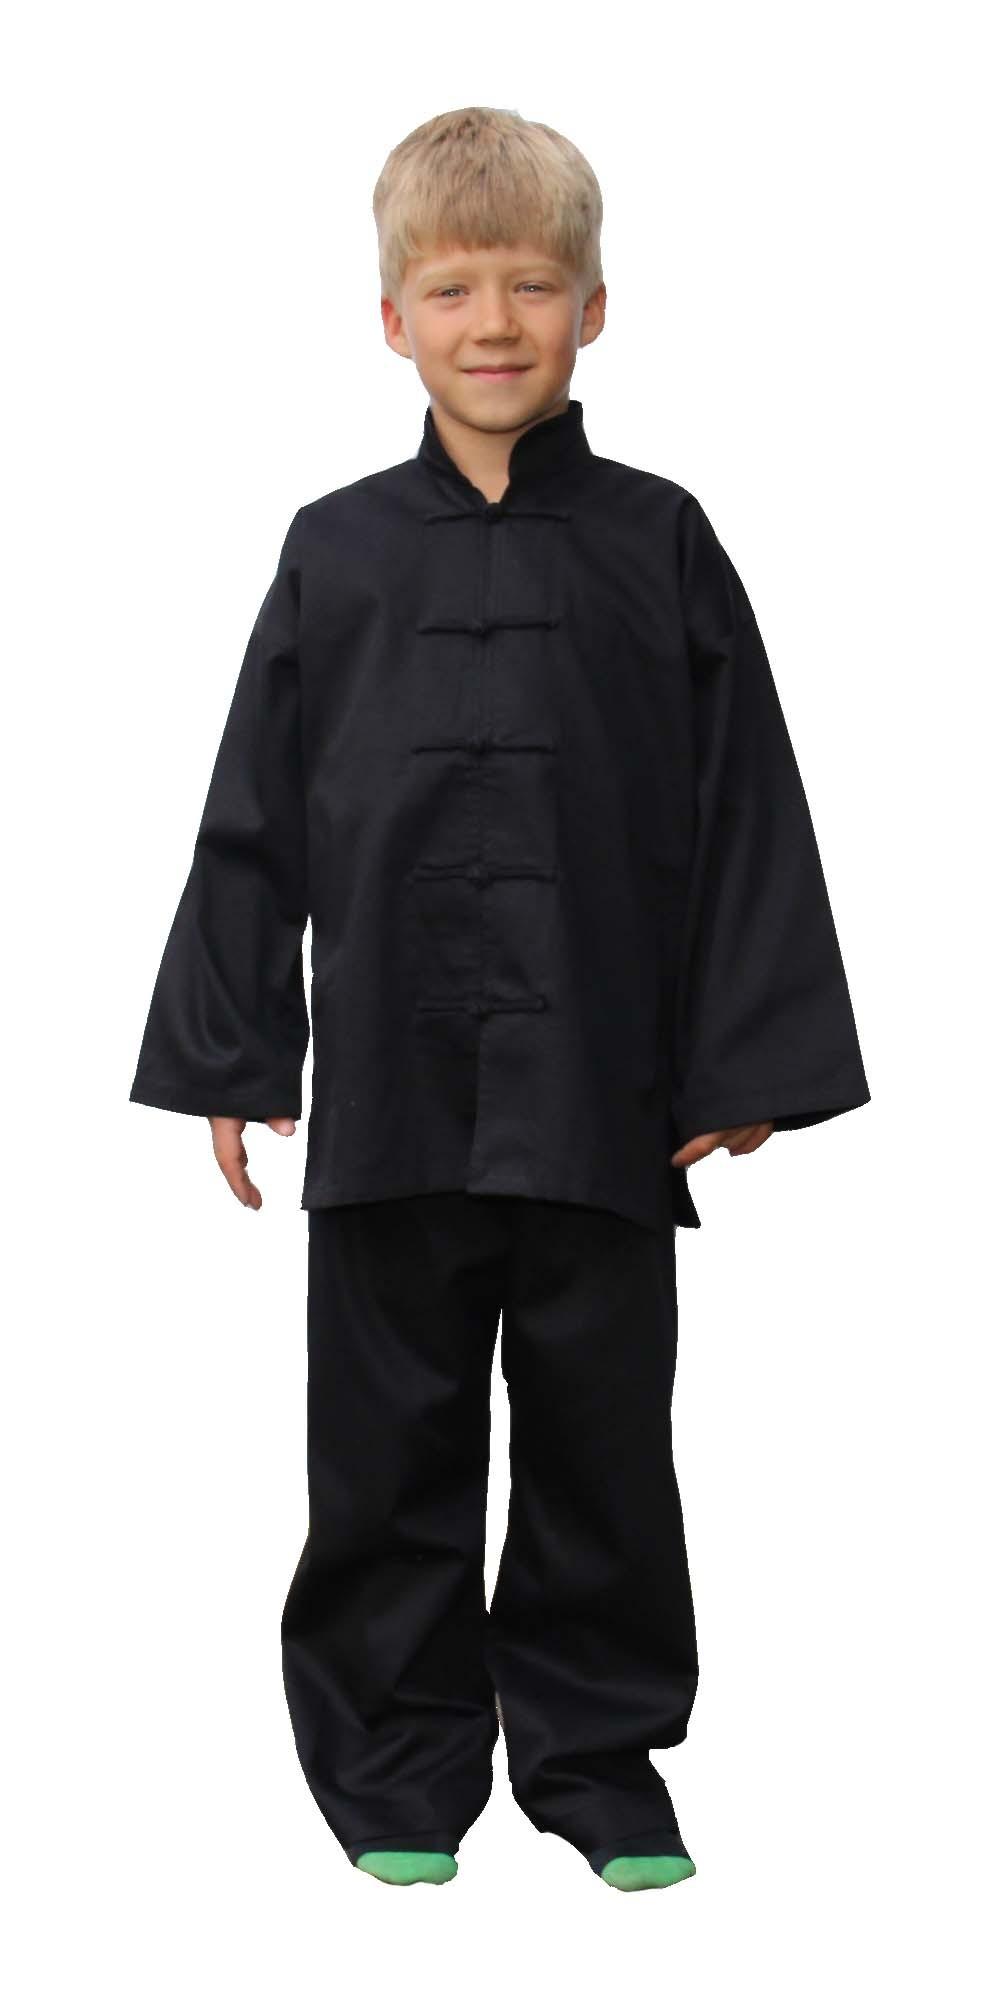 Kinder Kung Fu Anzug aus Baumwolle